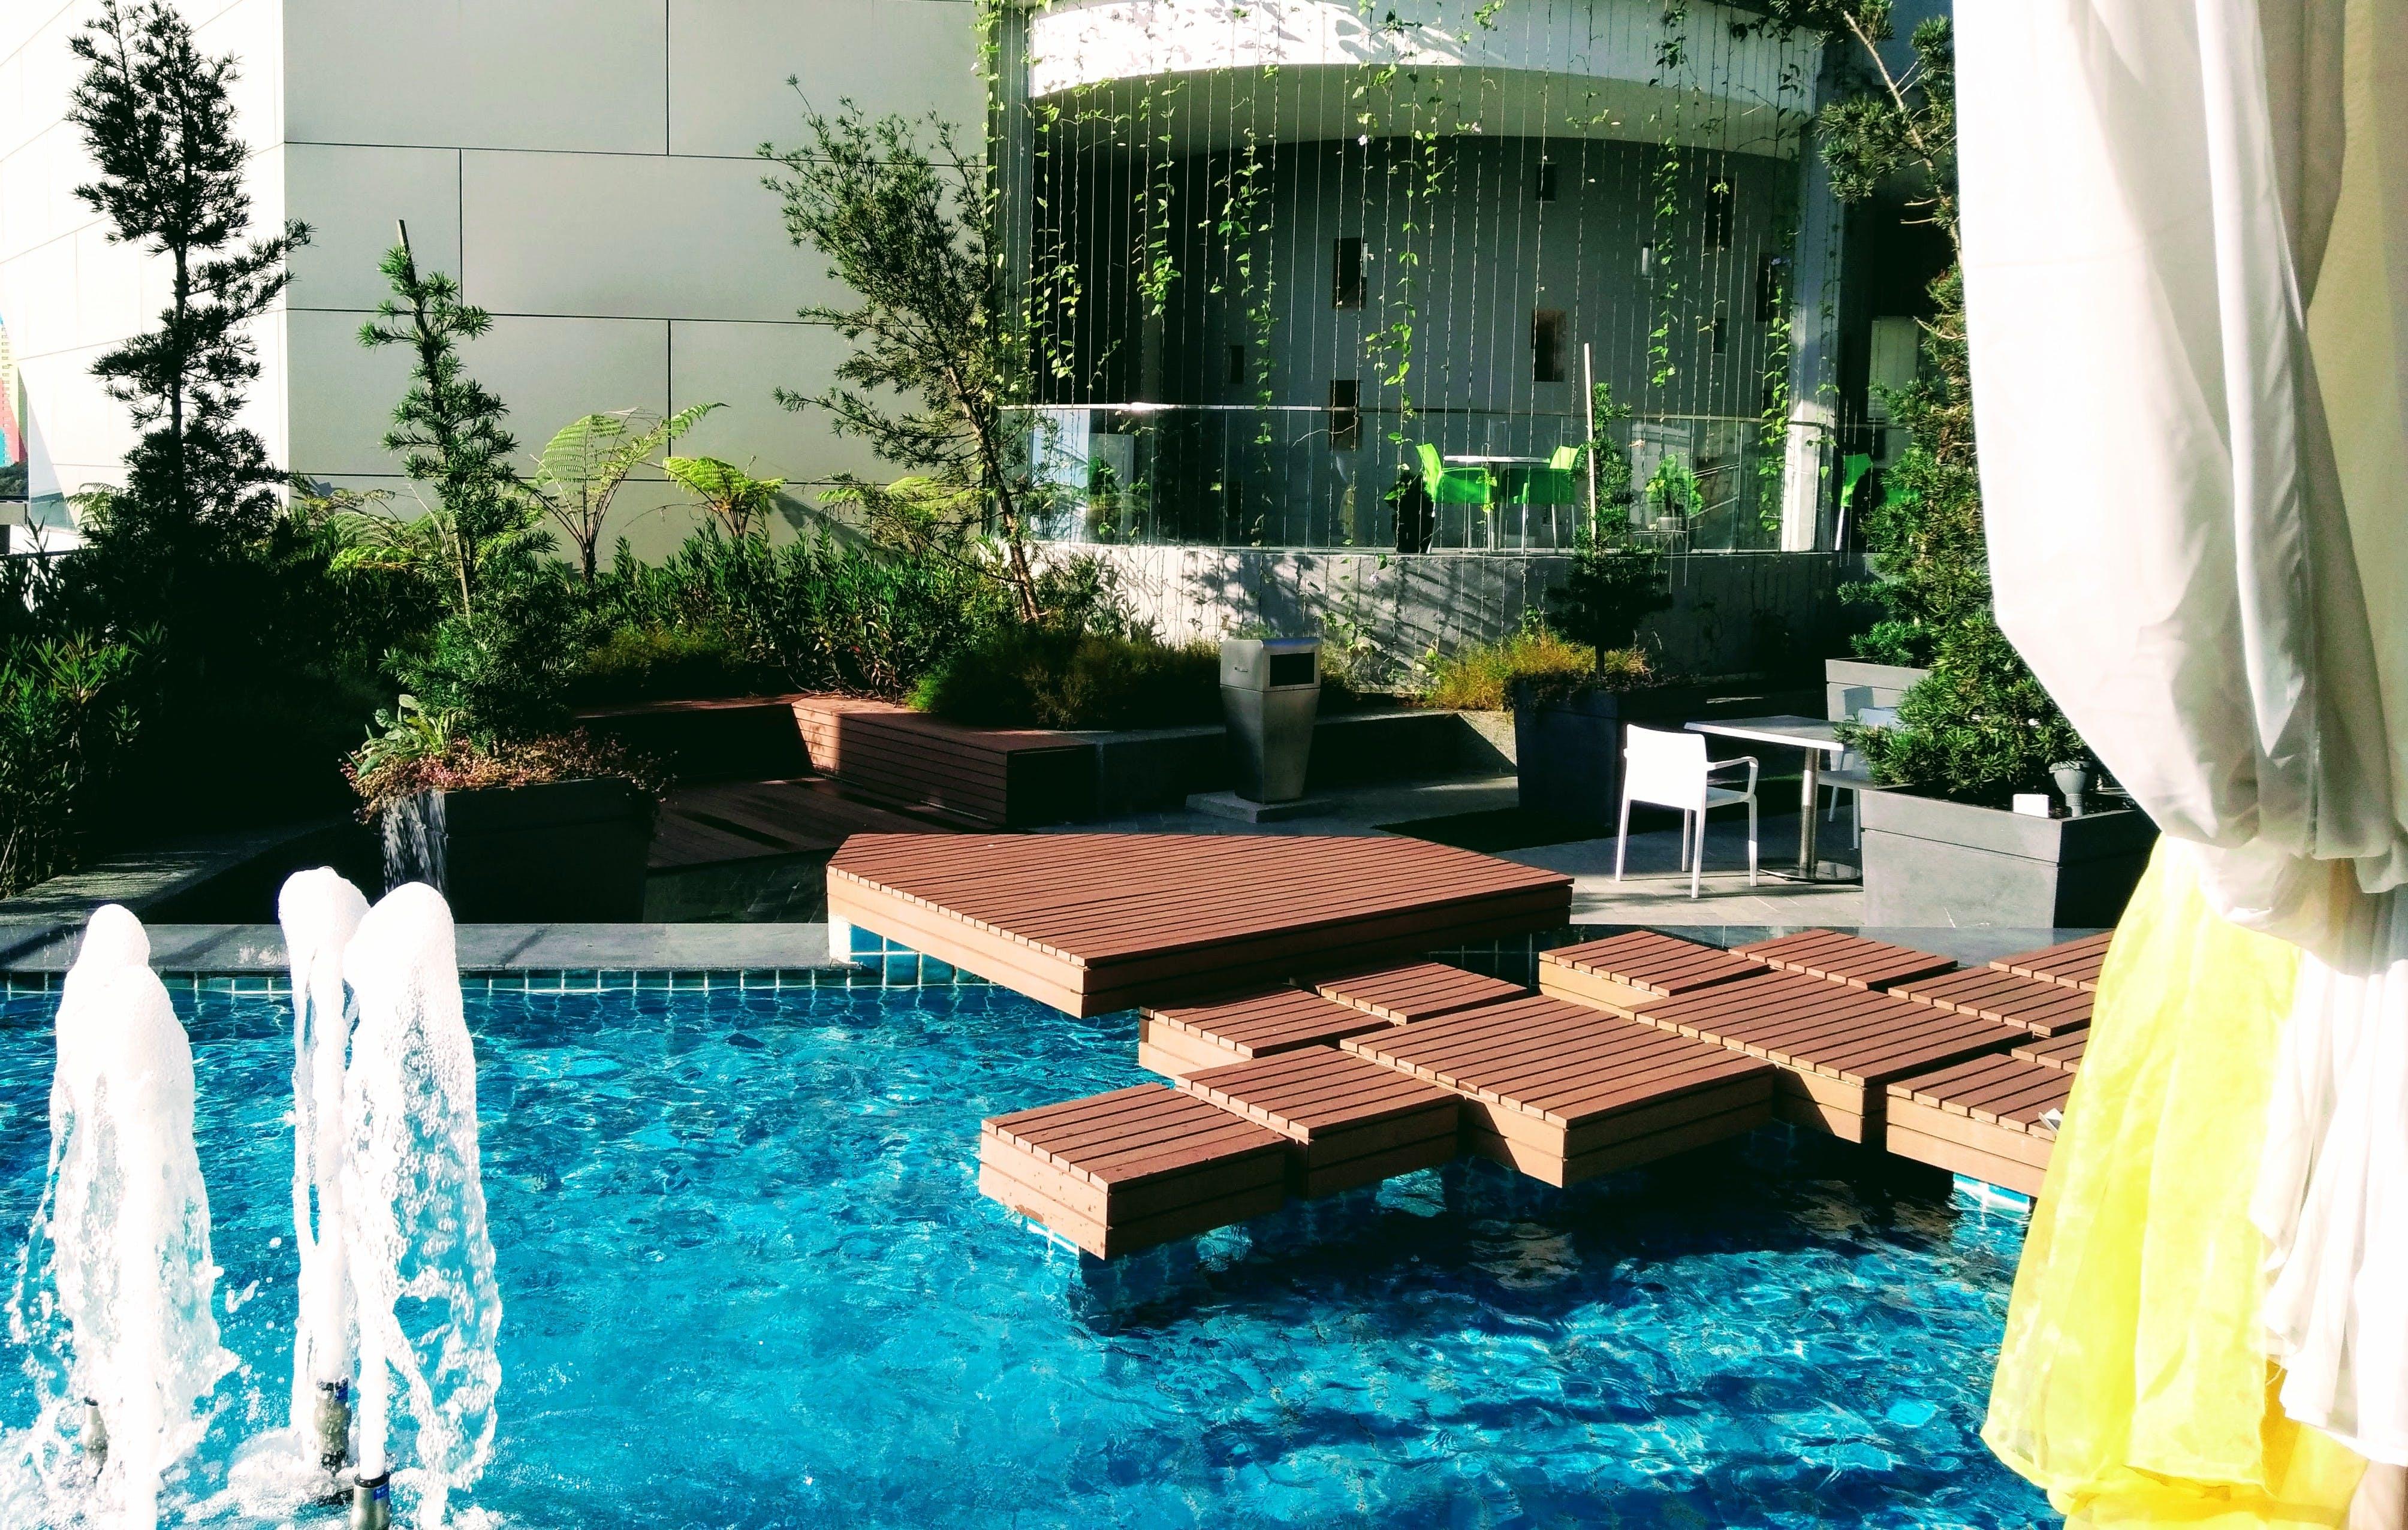 Безкоштовне стокове фото на тему «архітектура, біля басейну, вода, заводи»